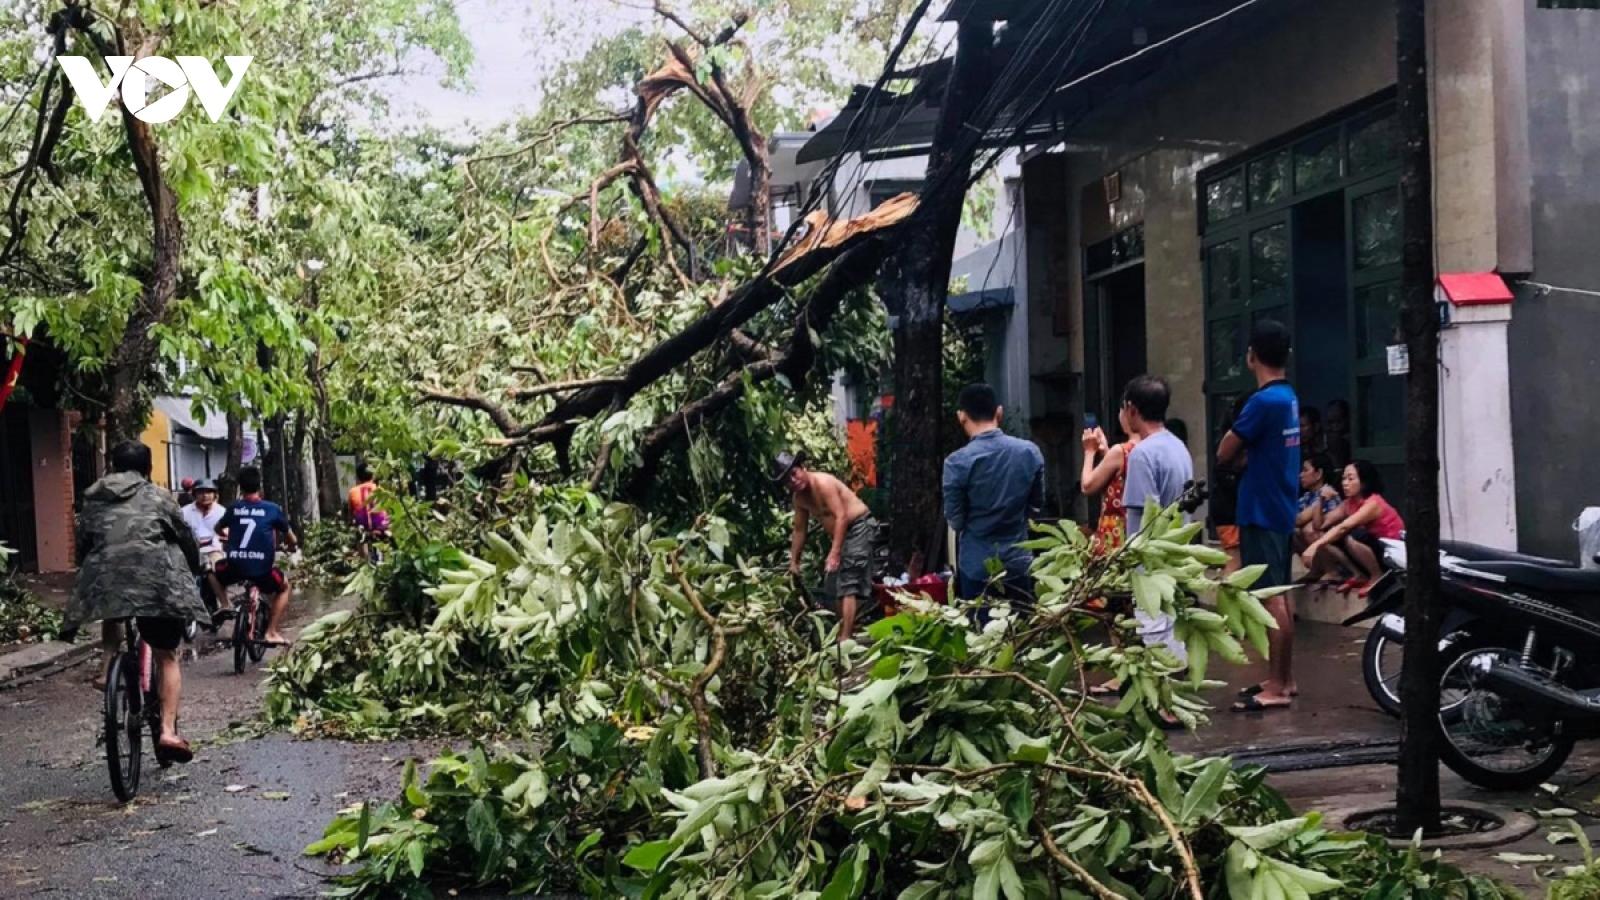 Bão số 5 gây thiệt hại nặng ở các tỉnh miền Trung